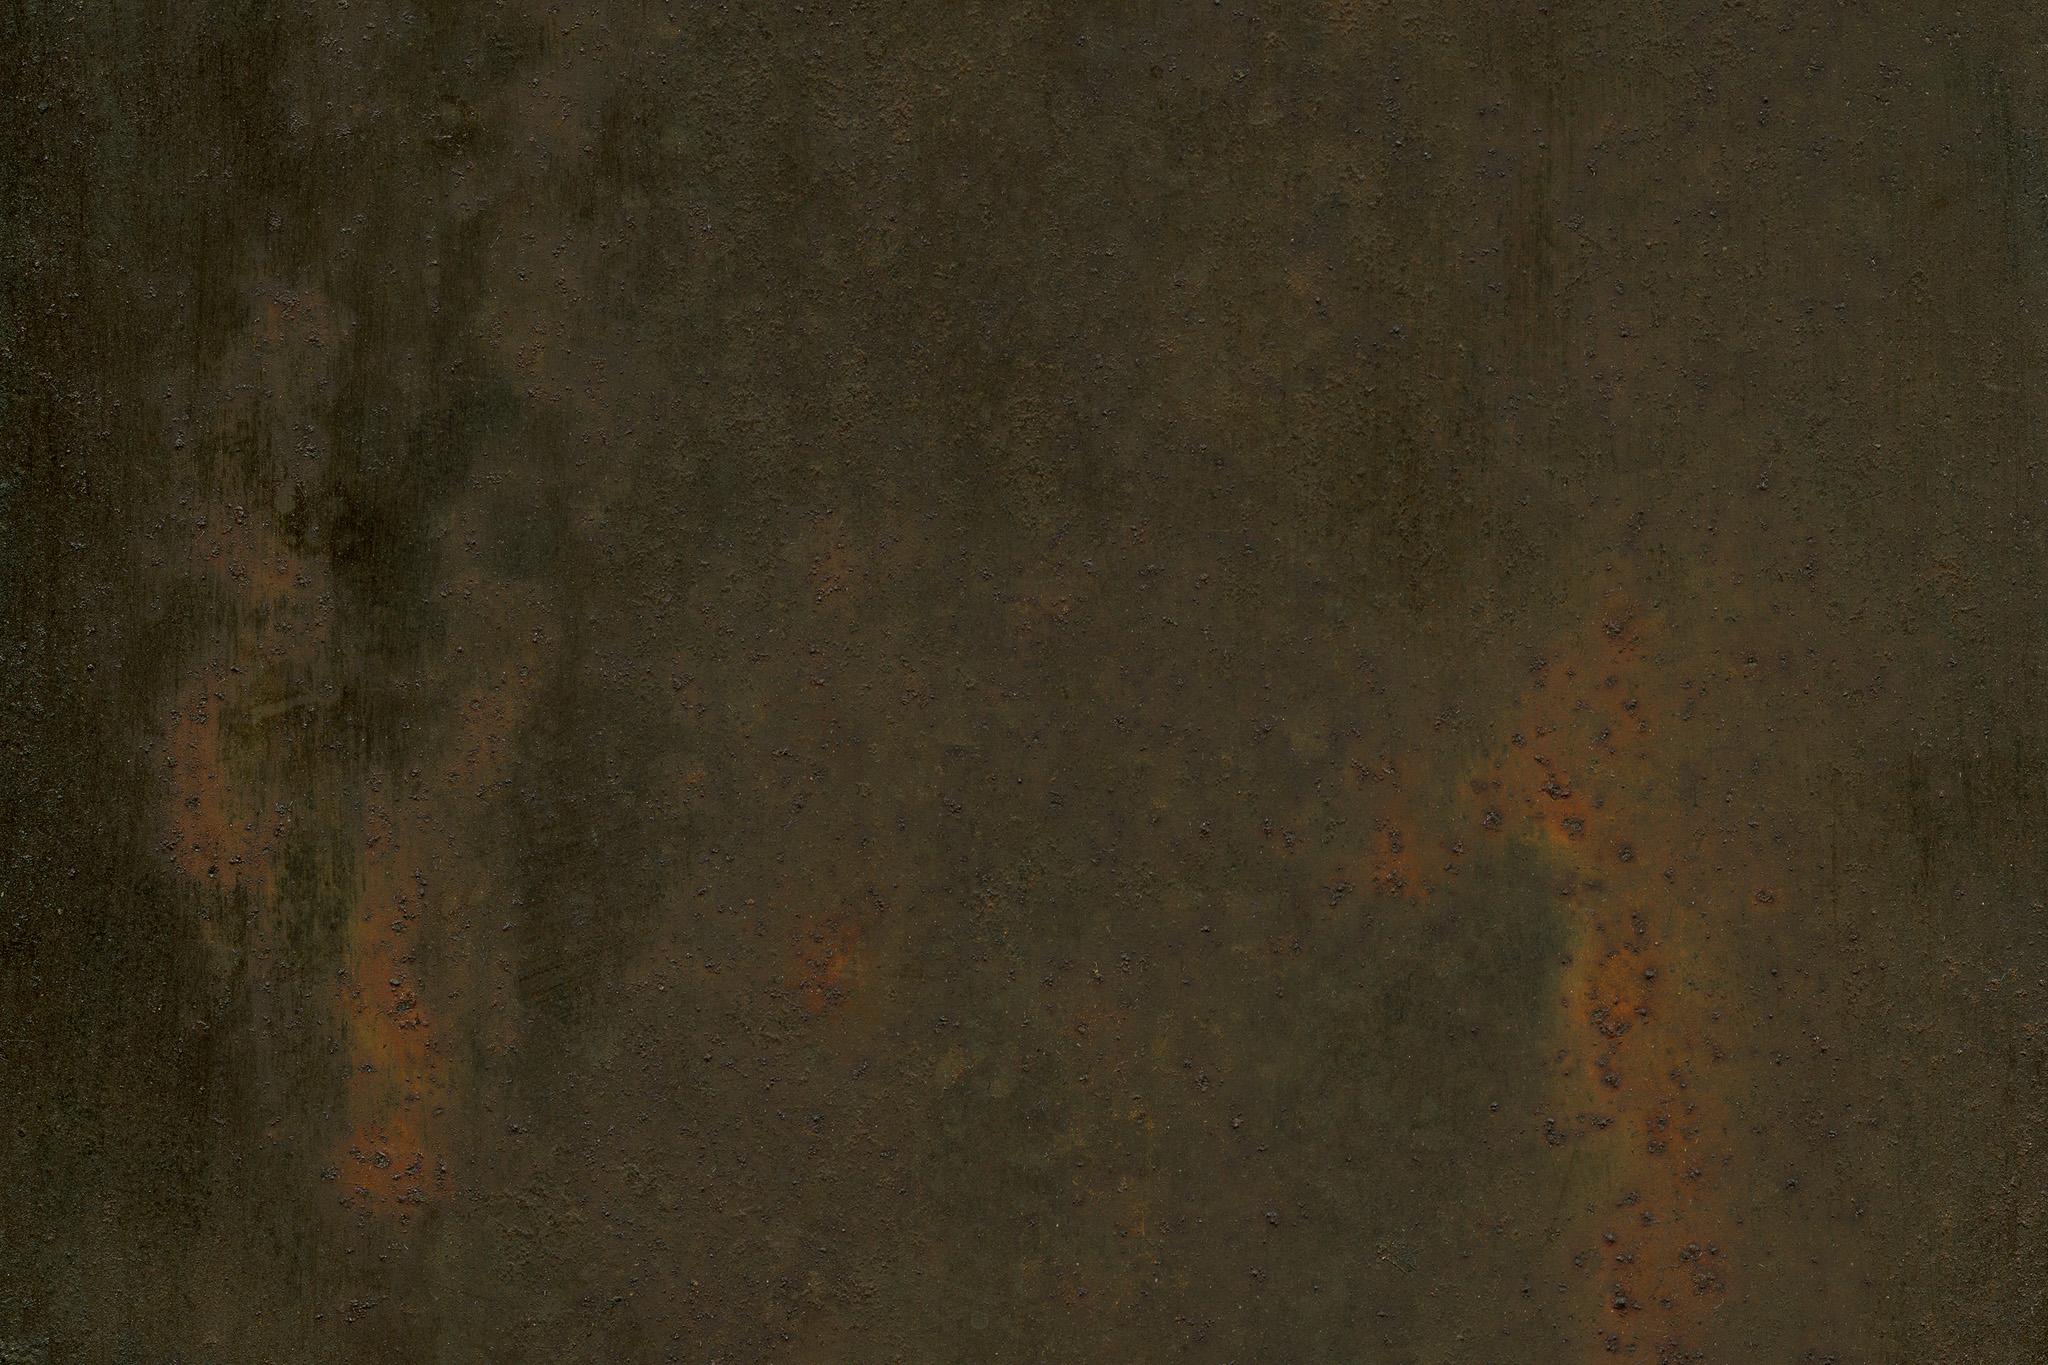 「赤錆が浮いた鉄の素材」